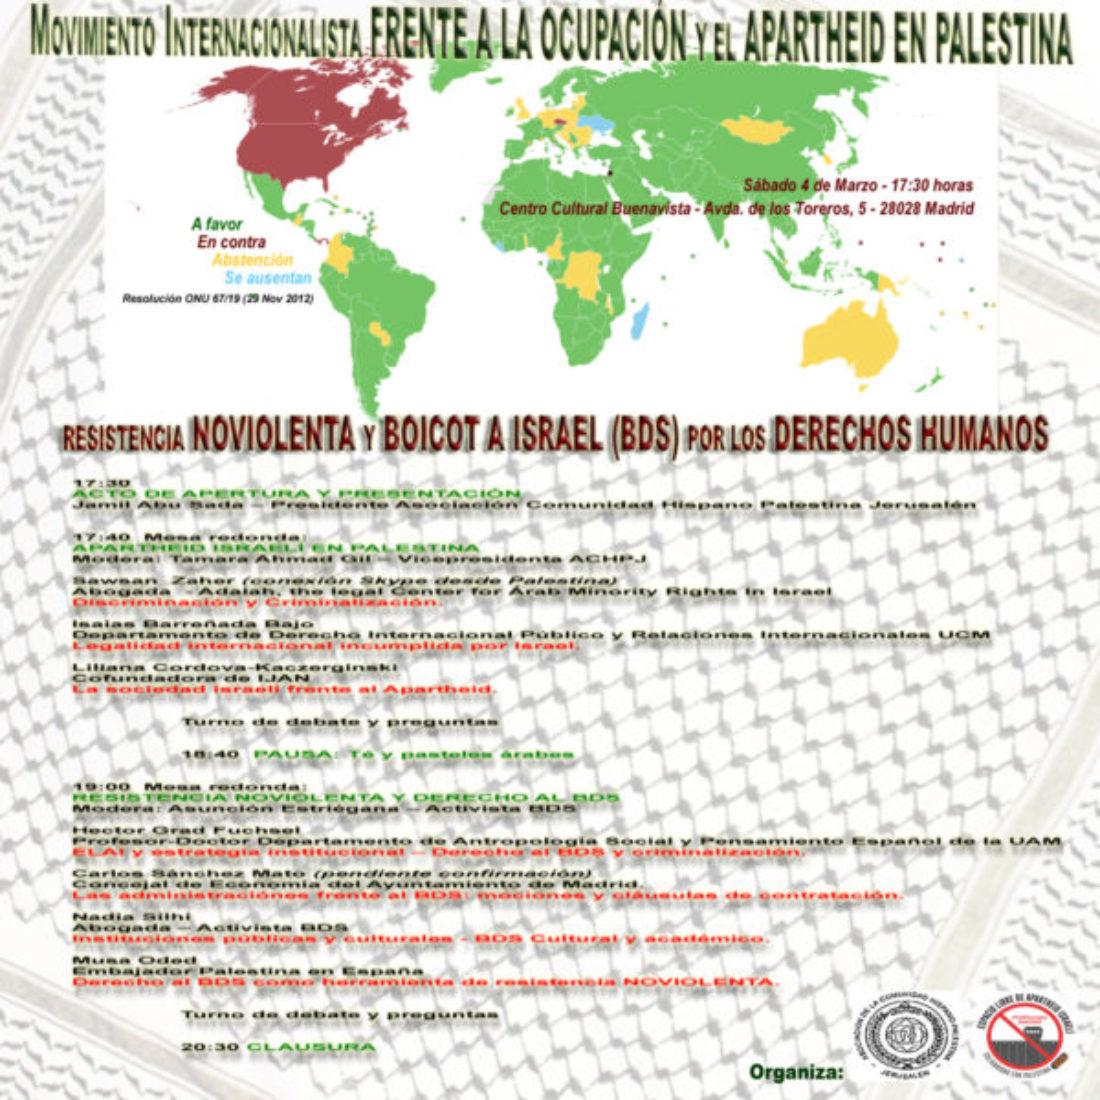 Campaña BDS de apoyo a Palestina en la Semana del Apartheid israelí